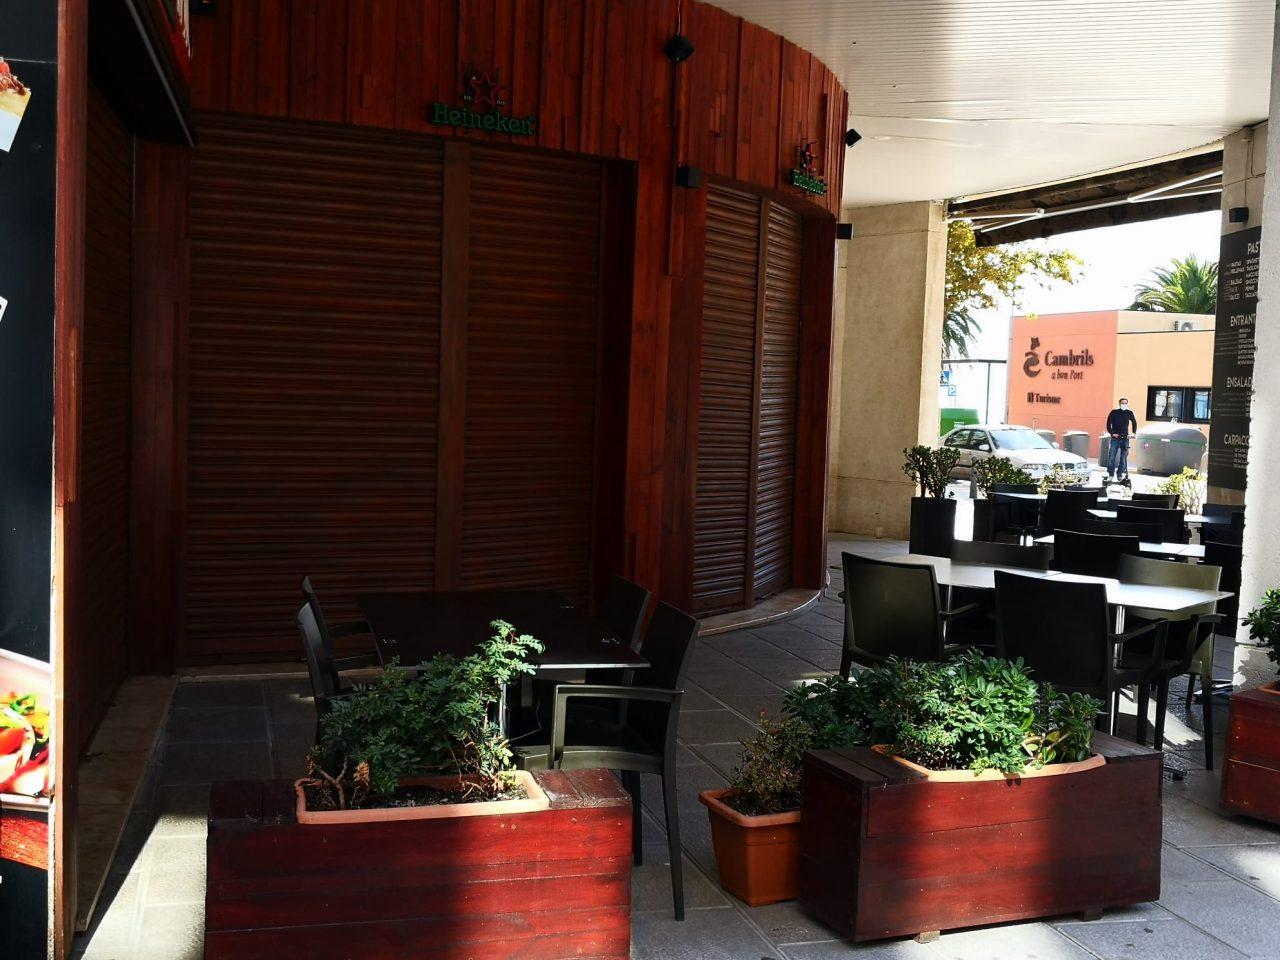 restaurant1-1280x960.jpg